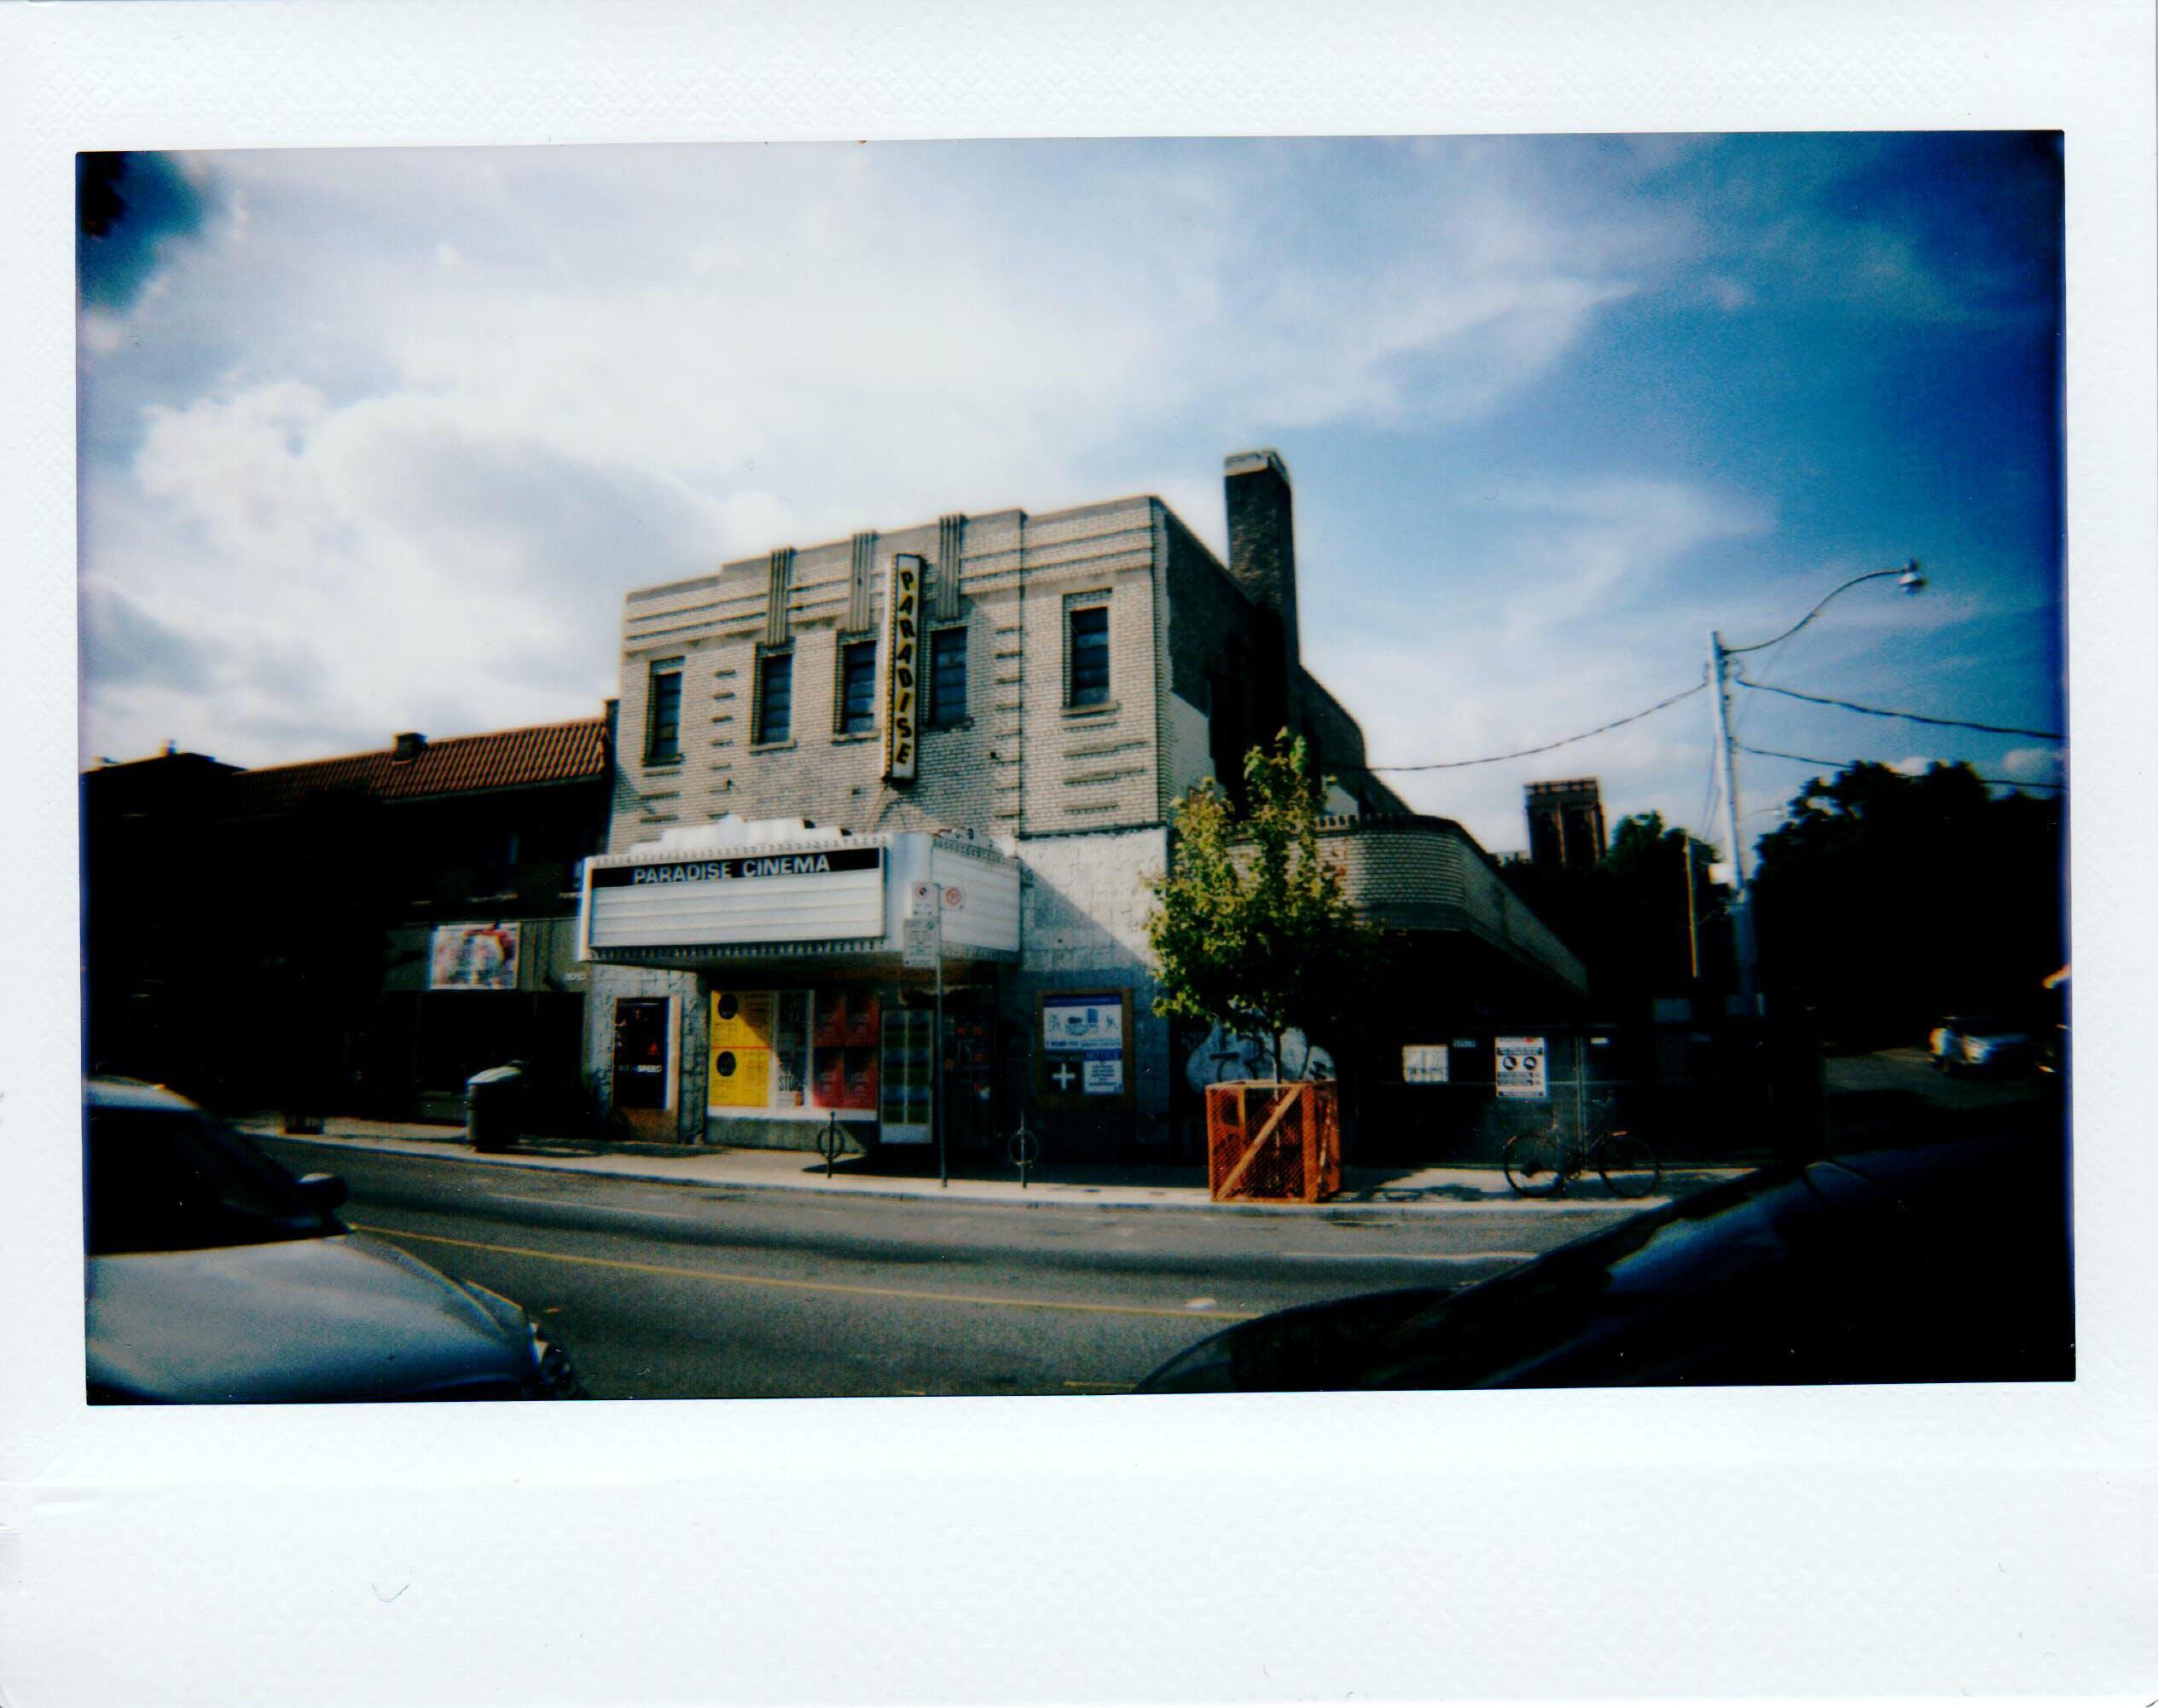 アスファルト, シティ, ストリート写真, タウンの無料の写真素材